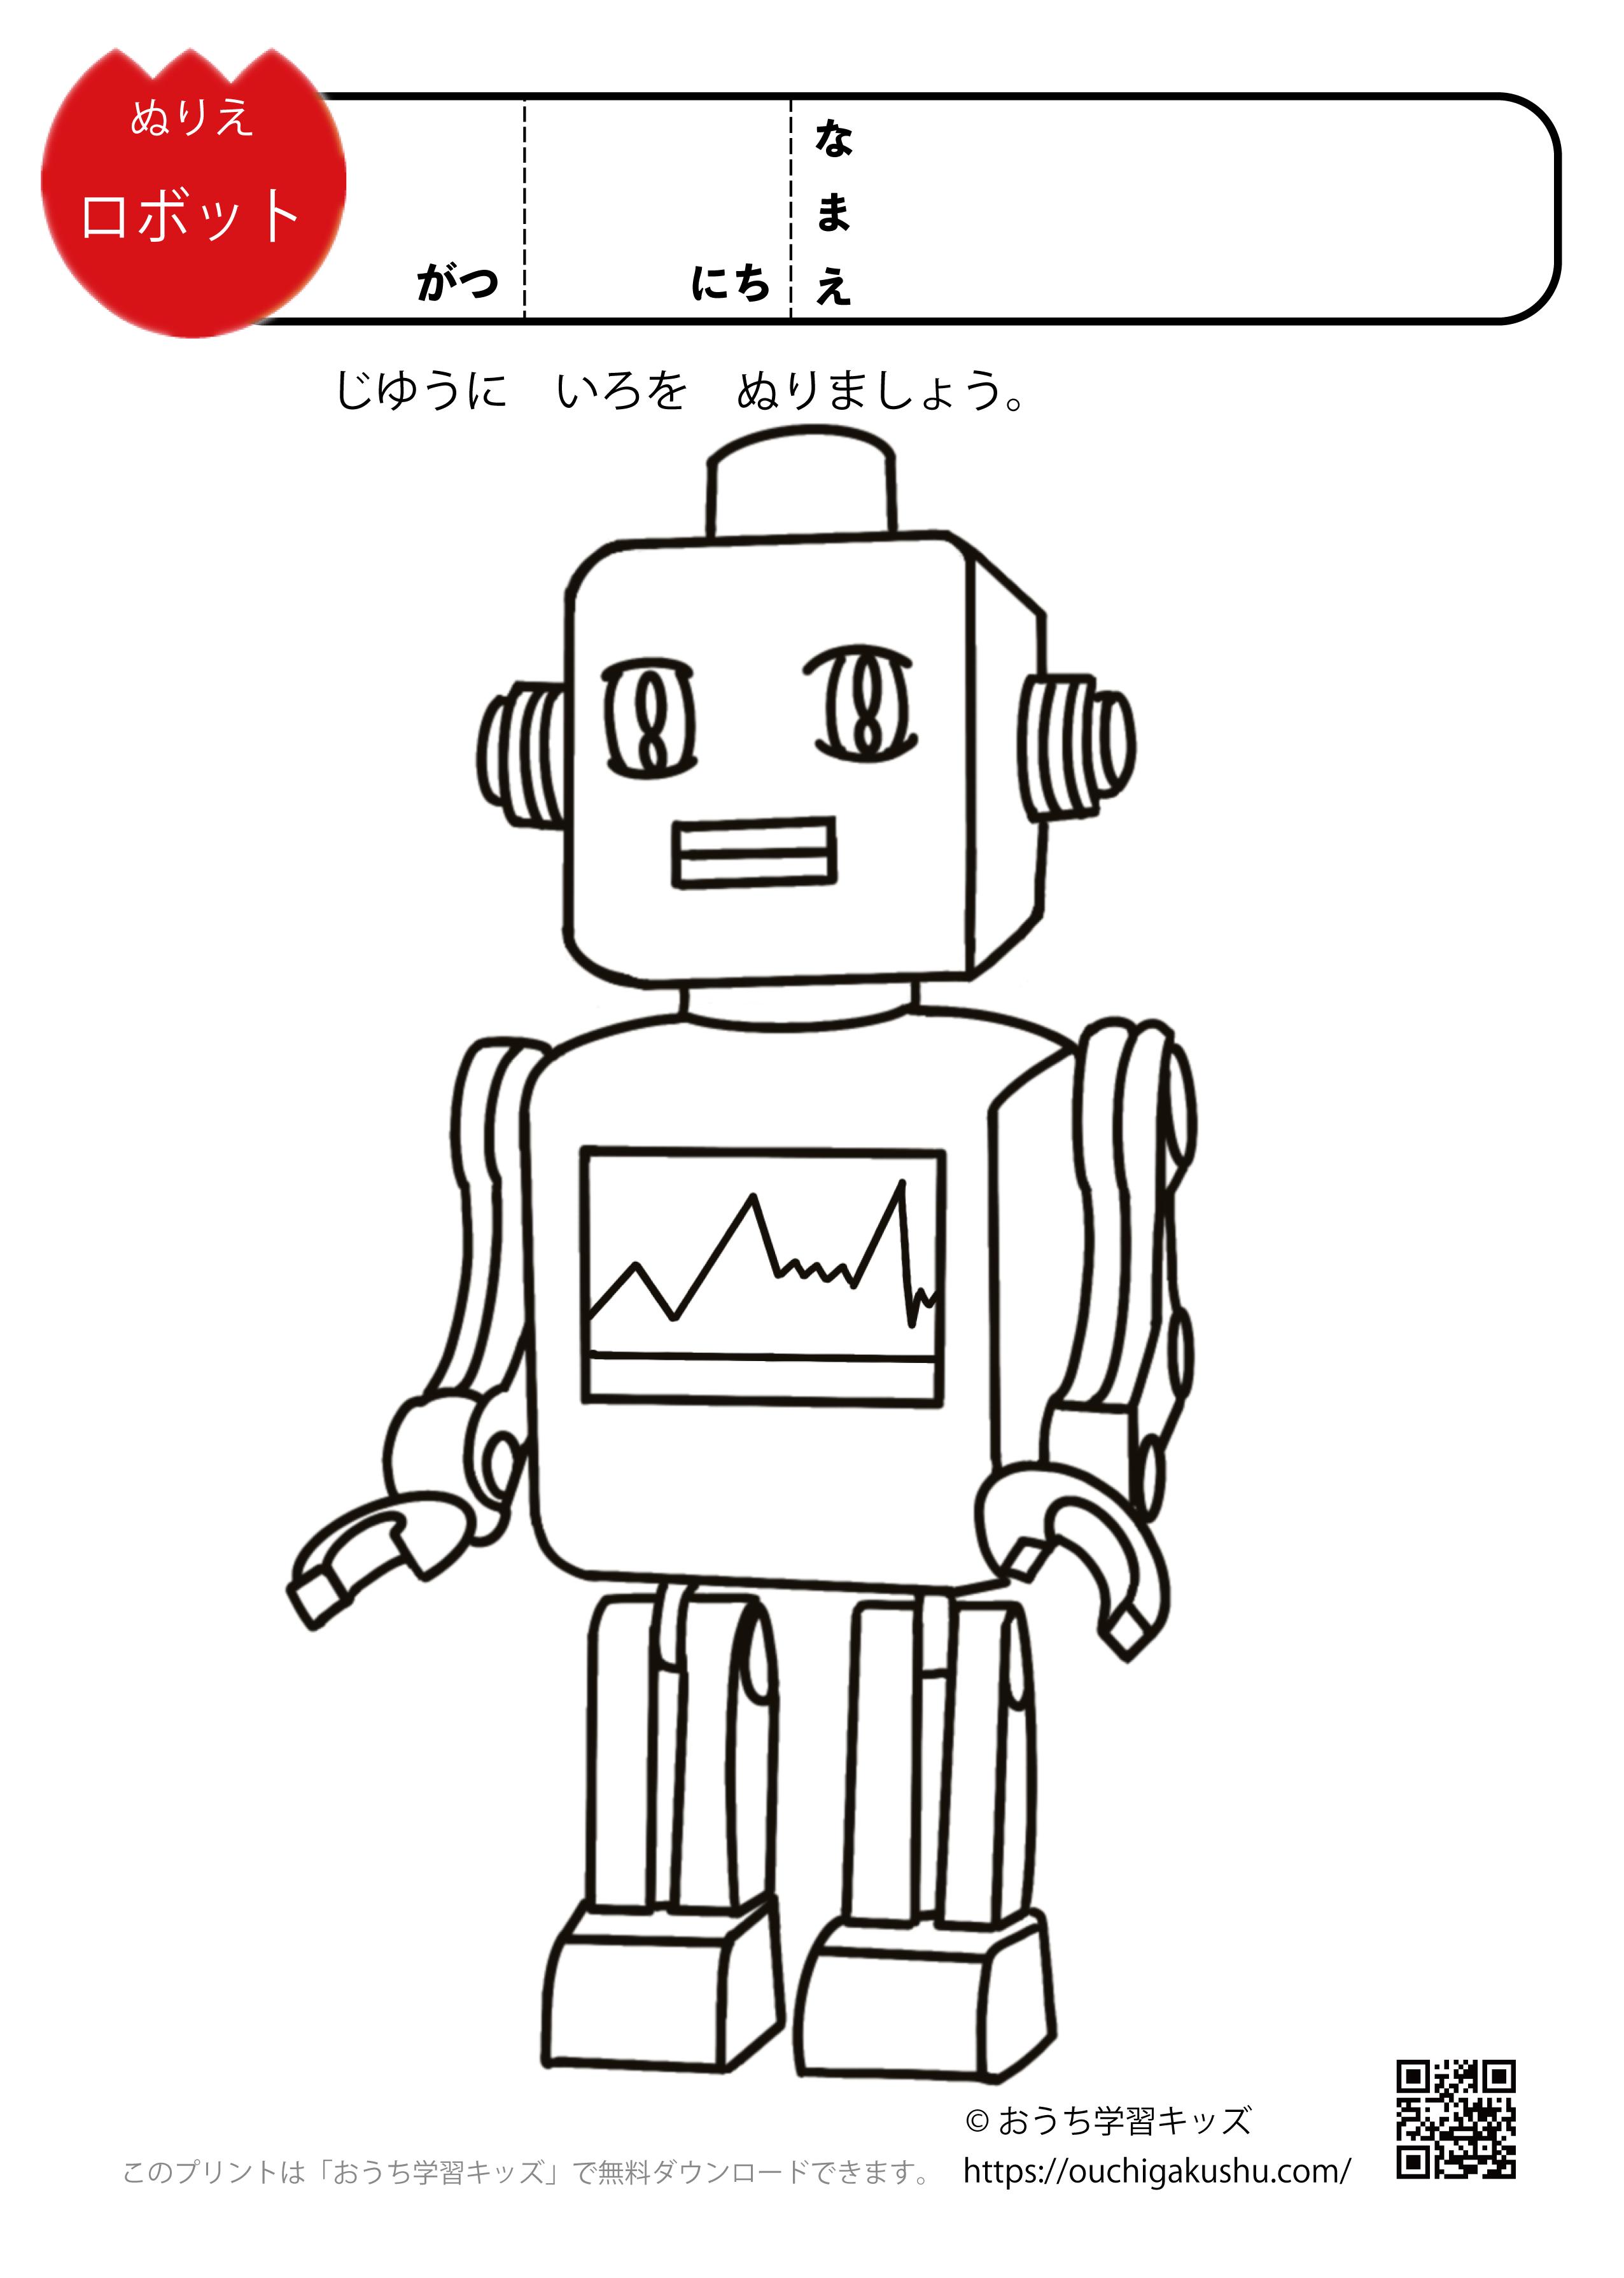 無料ぬりえプリント「ロボットのおもちゃ」